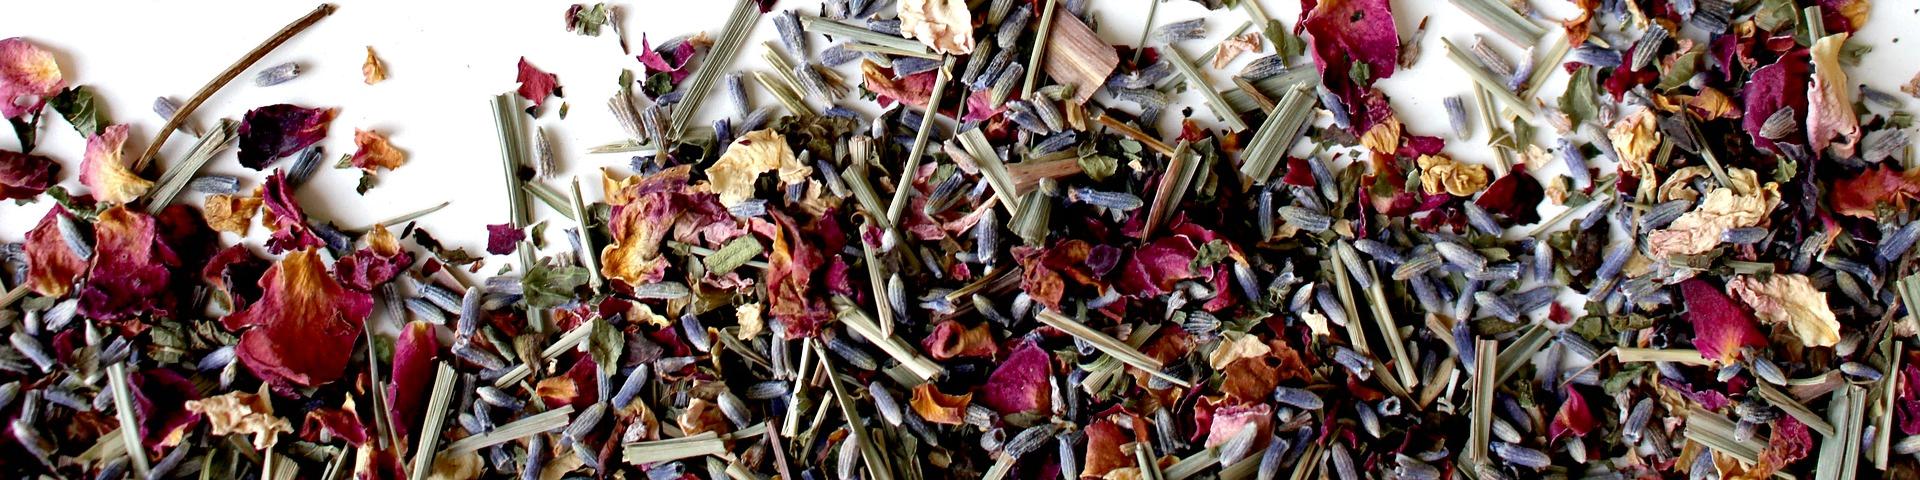 Tè biologici